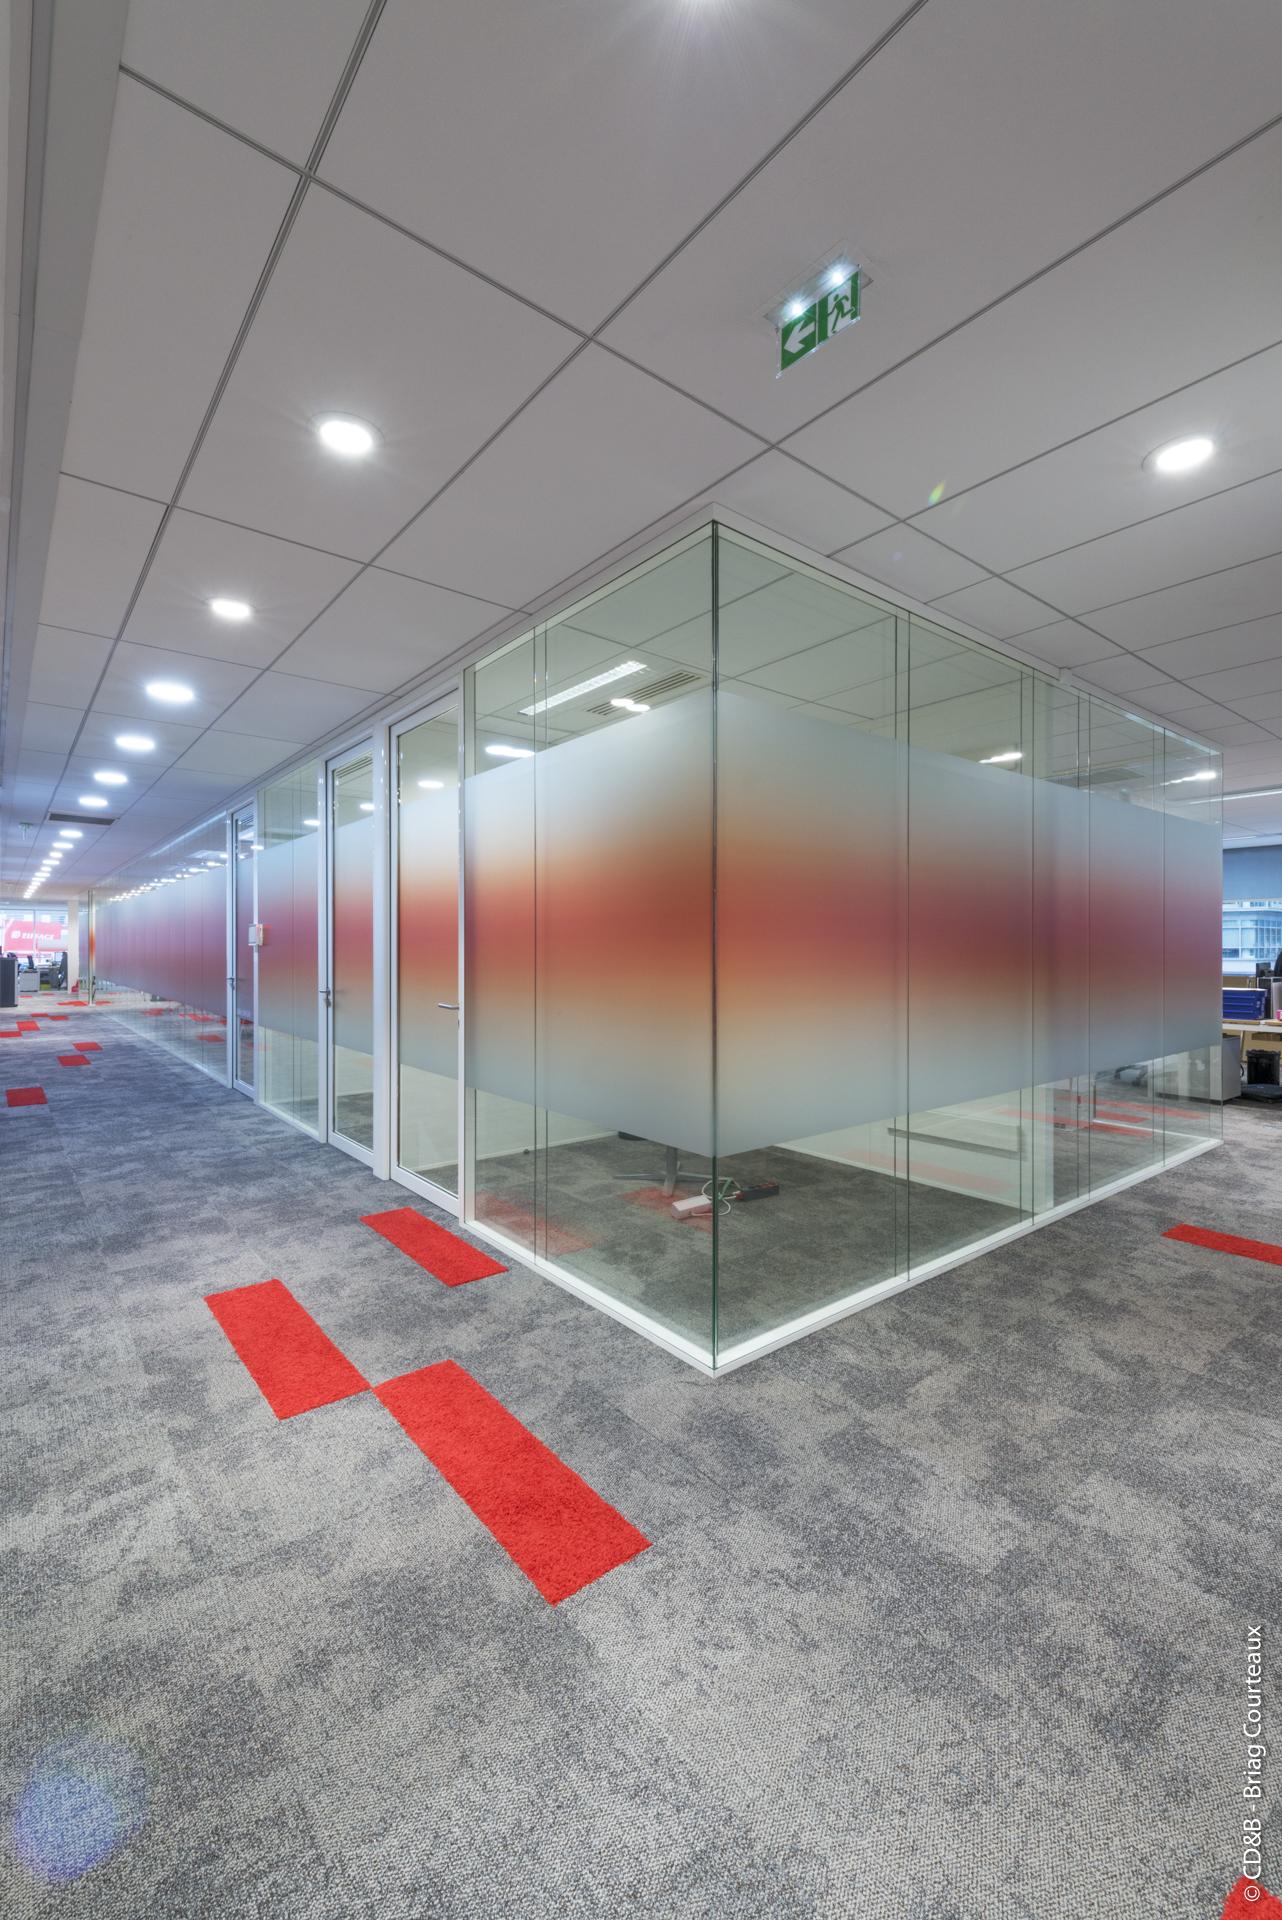 Conseil, aménagement, conception et réalisation des espaces de la société Jacquet Brossard par CDB, Meet you there.